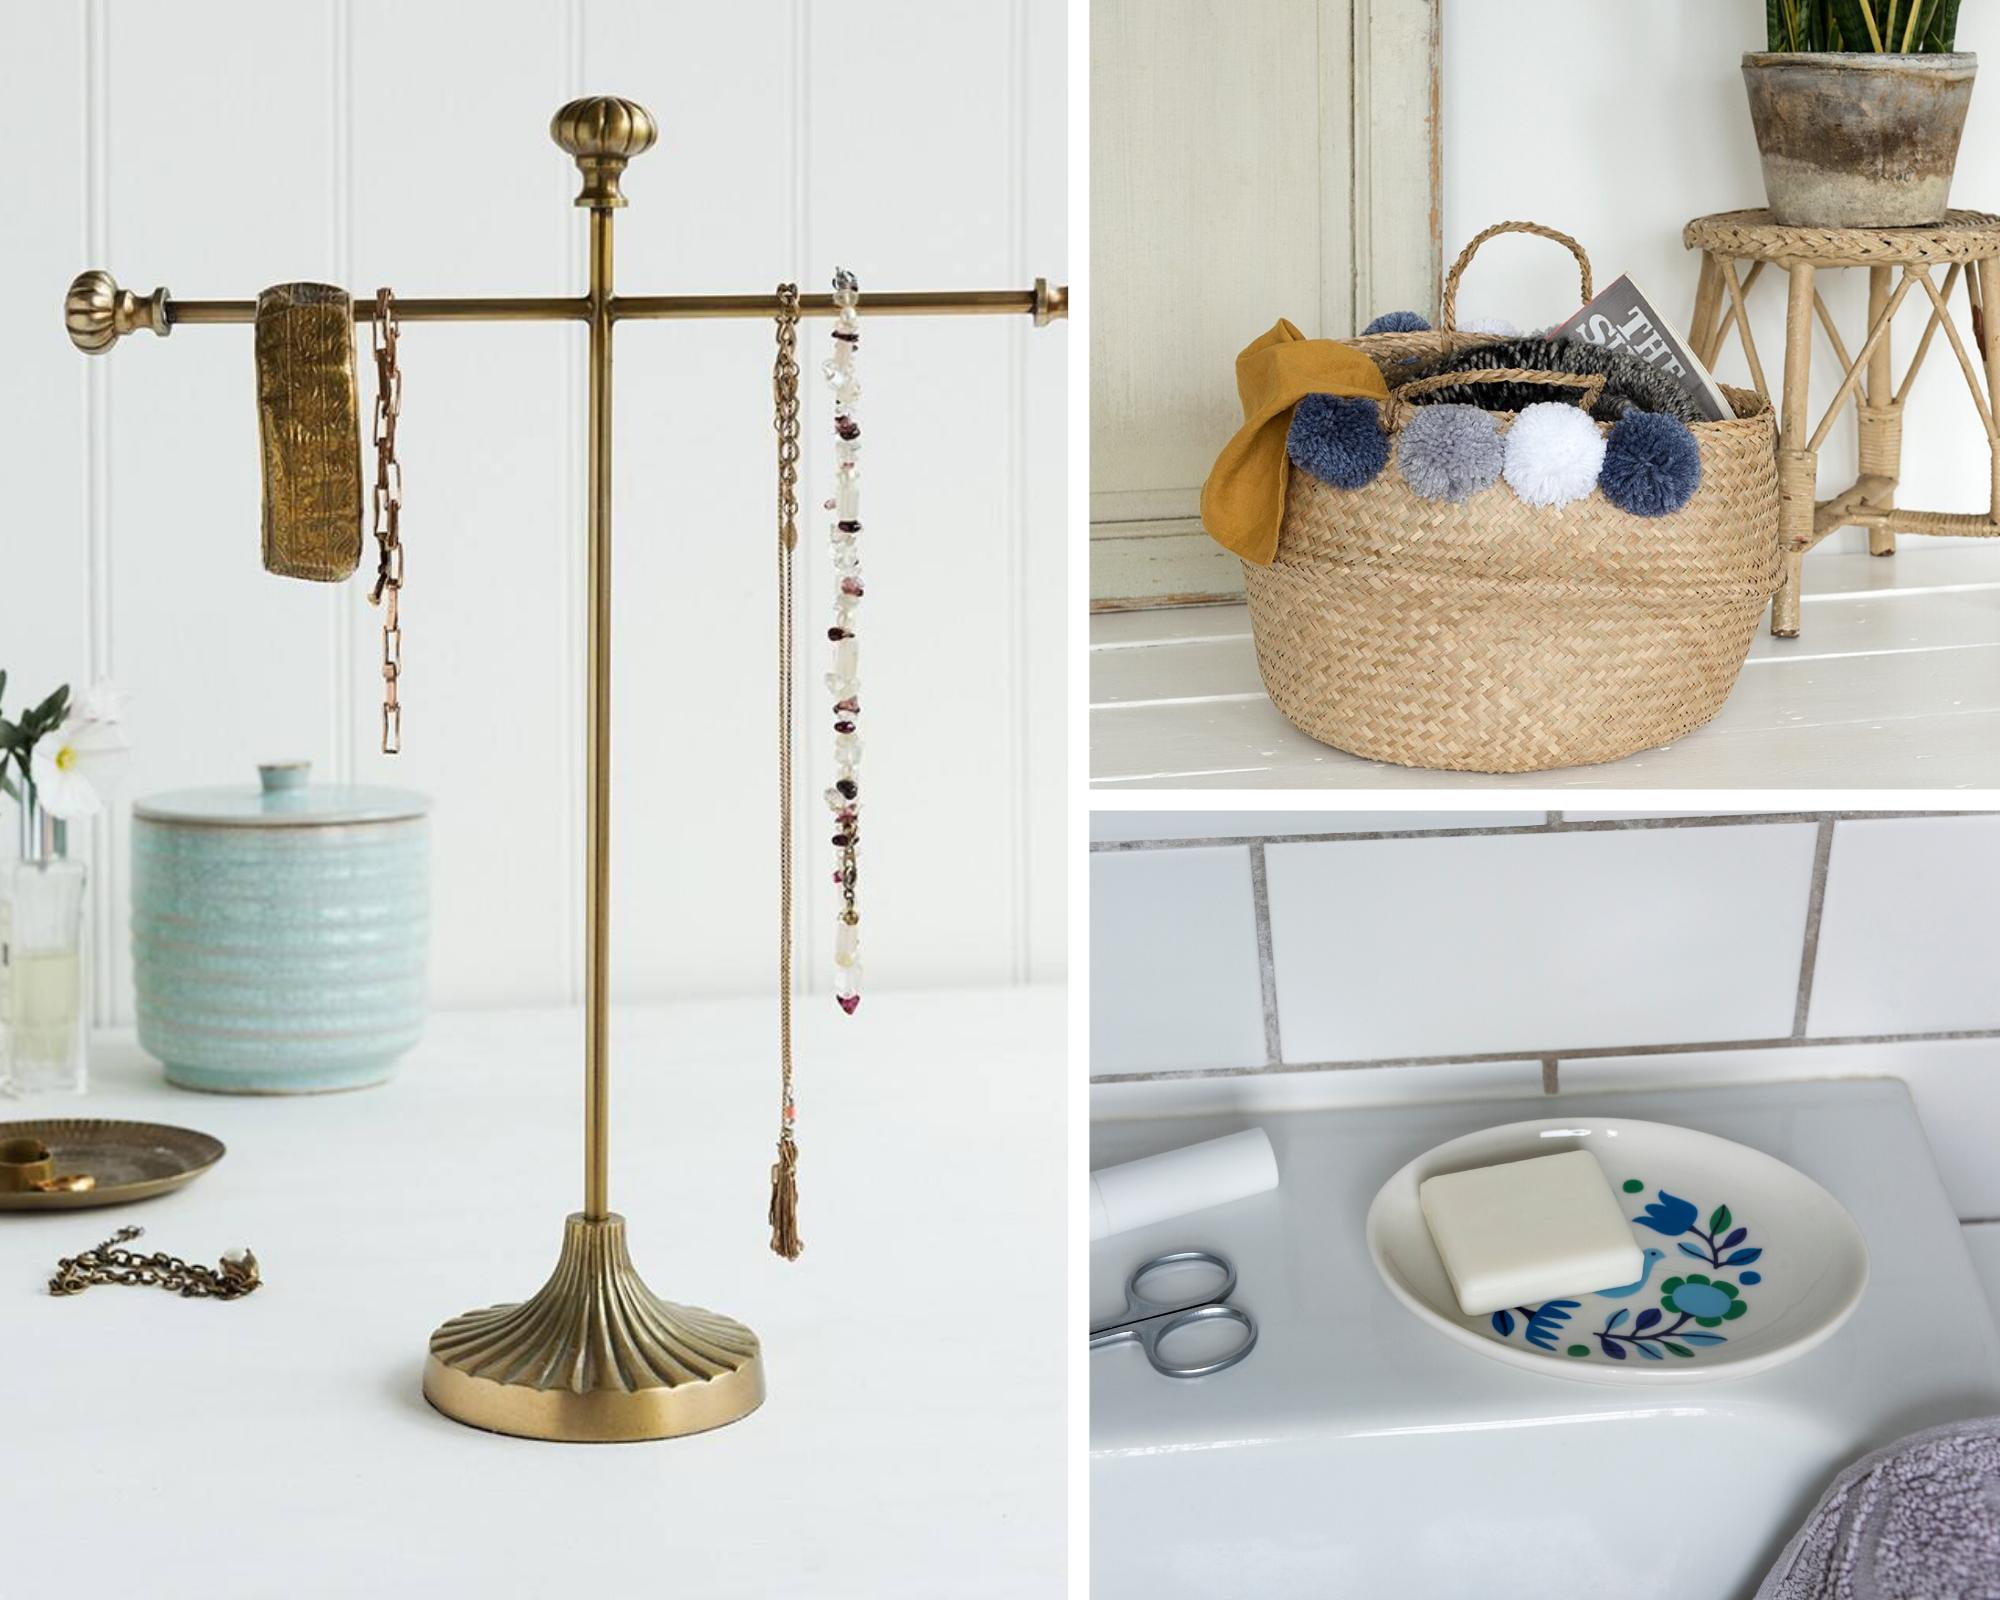 Brass jewellery stand, pom pom basket, Folk Doves trinket tray